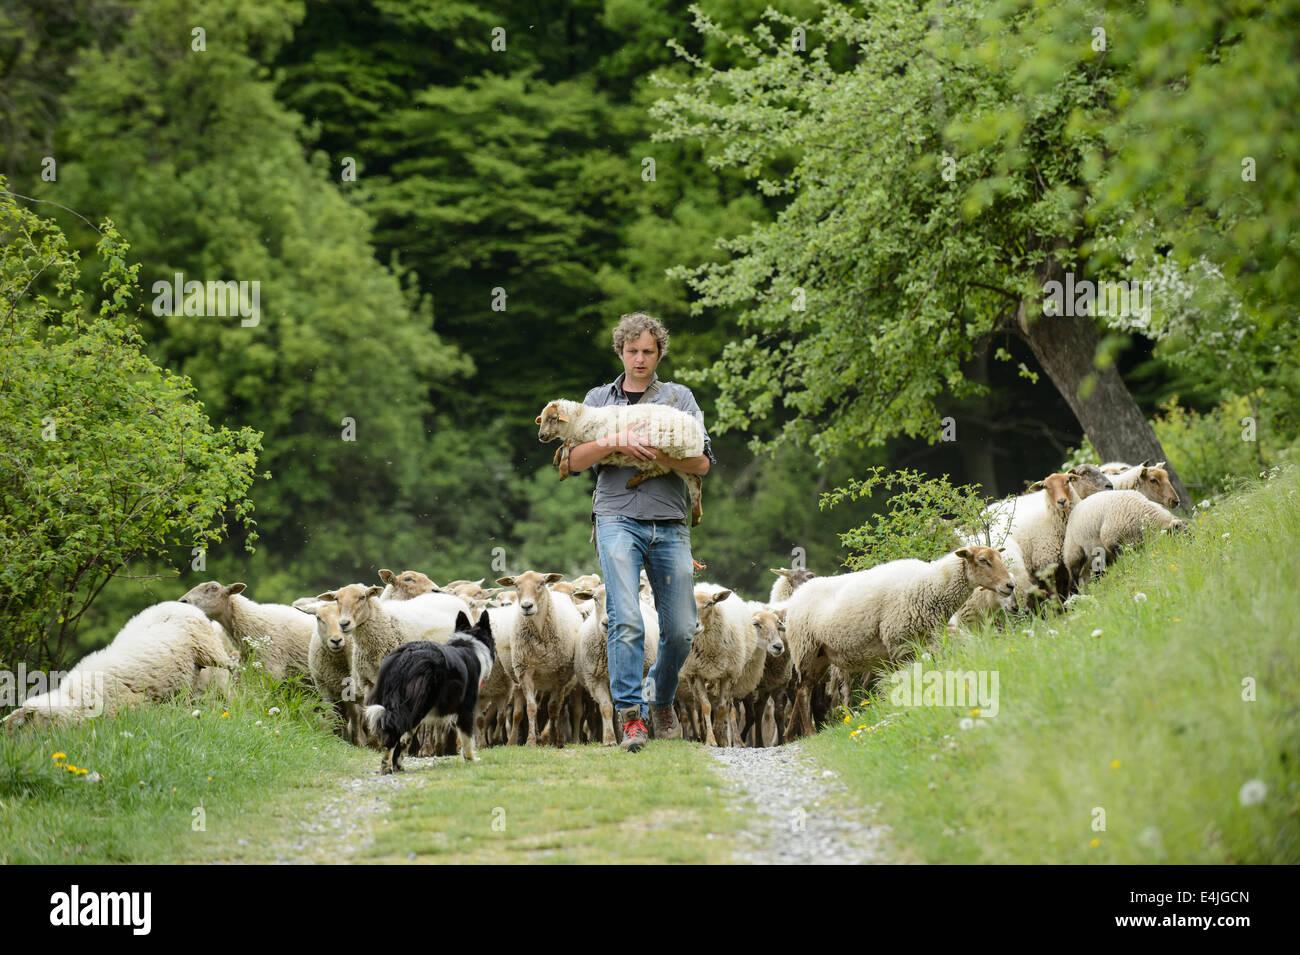 Pastore con un gregge di pecore che lo seguono, portante un male di agnello. Immagini Stock